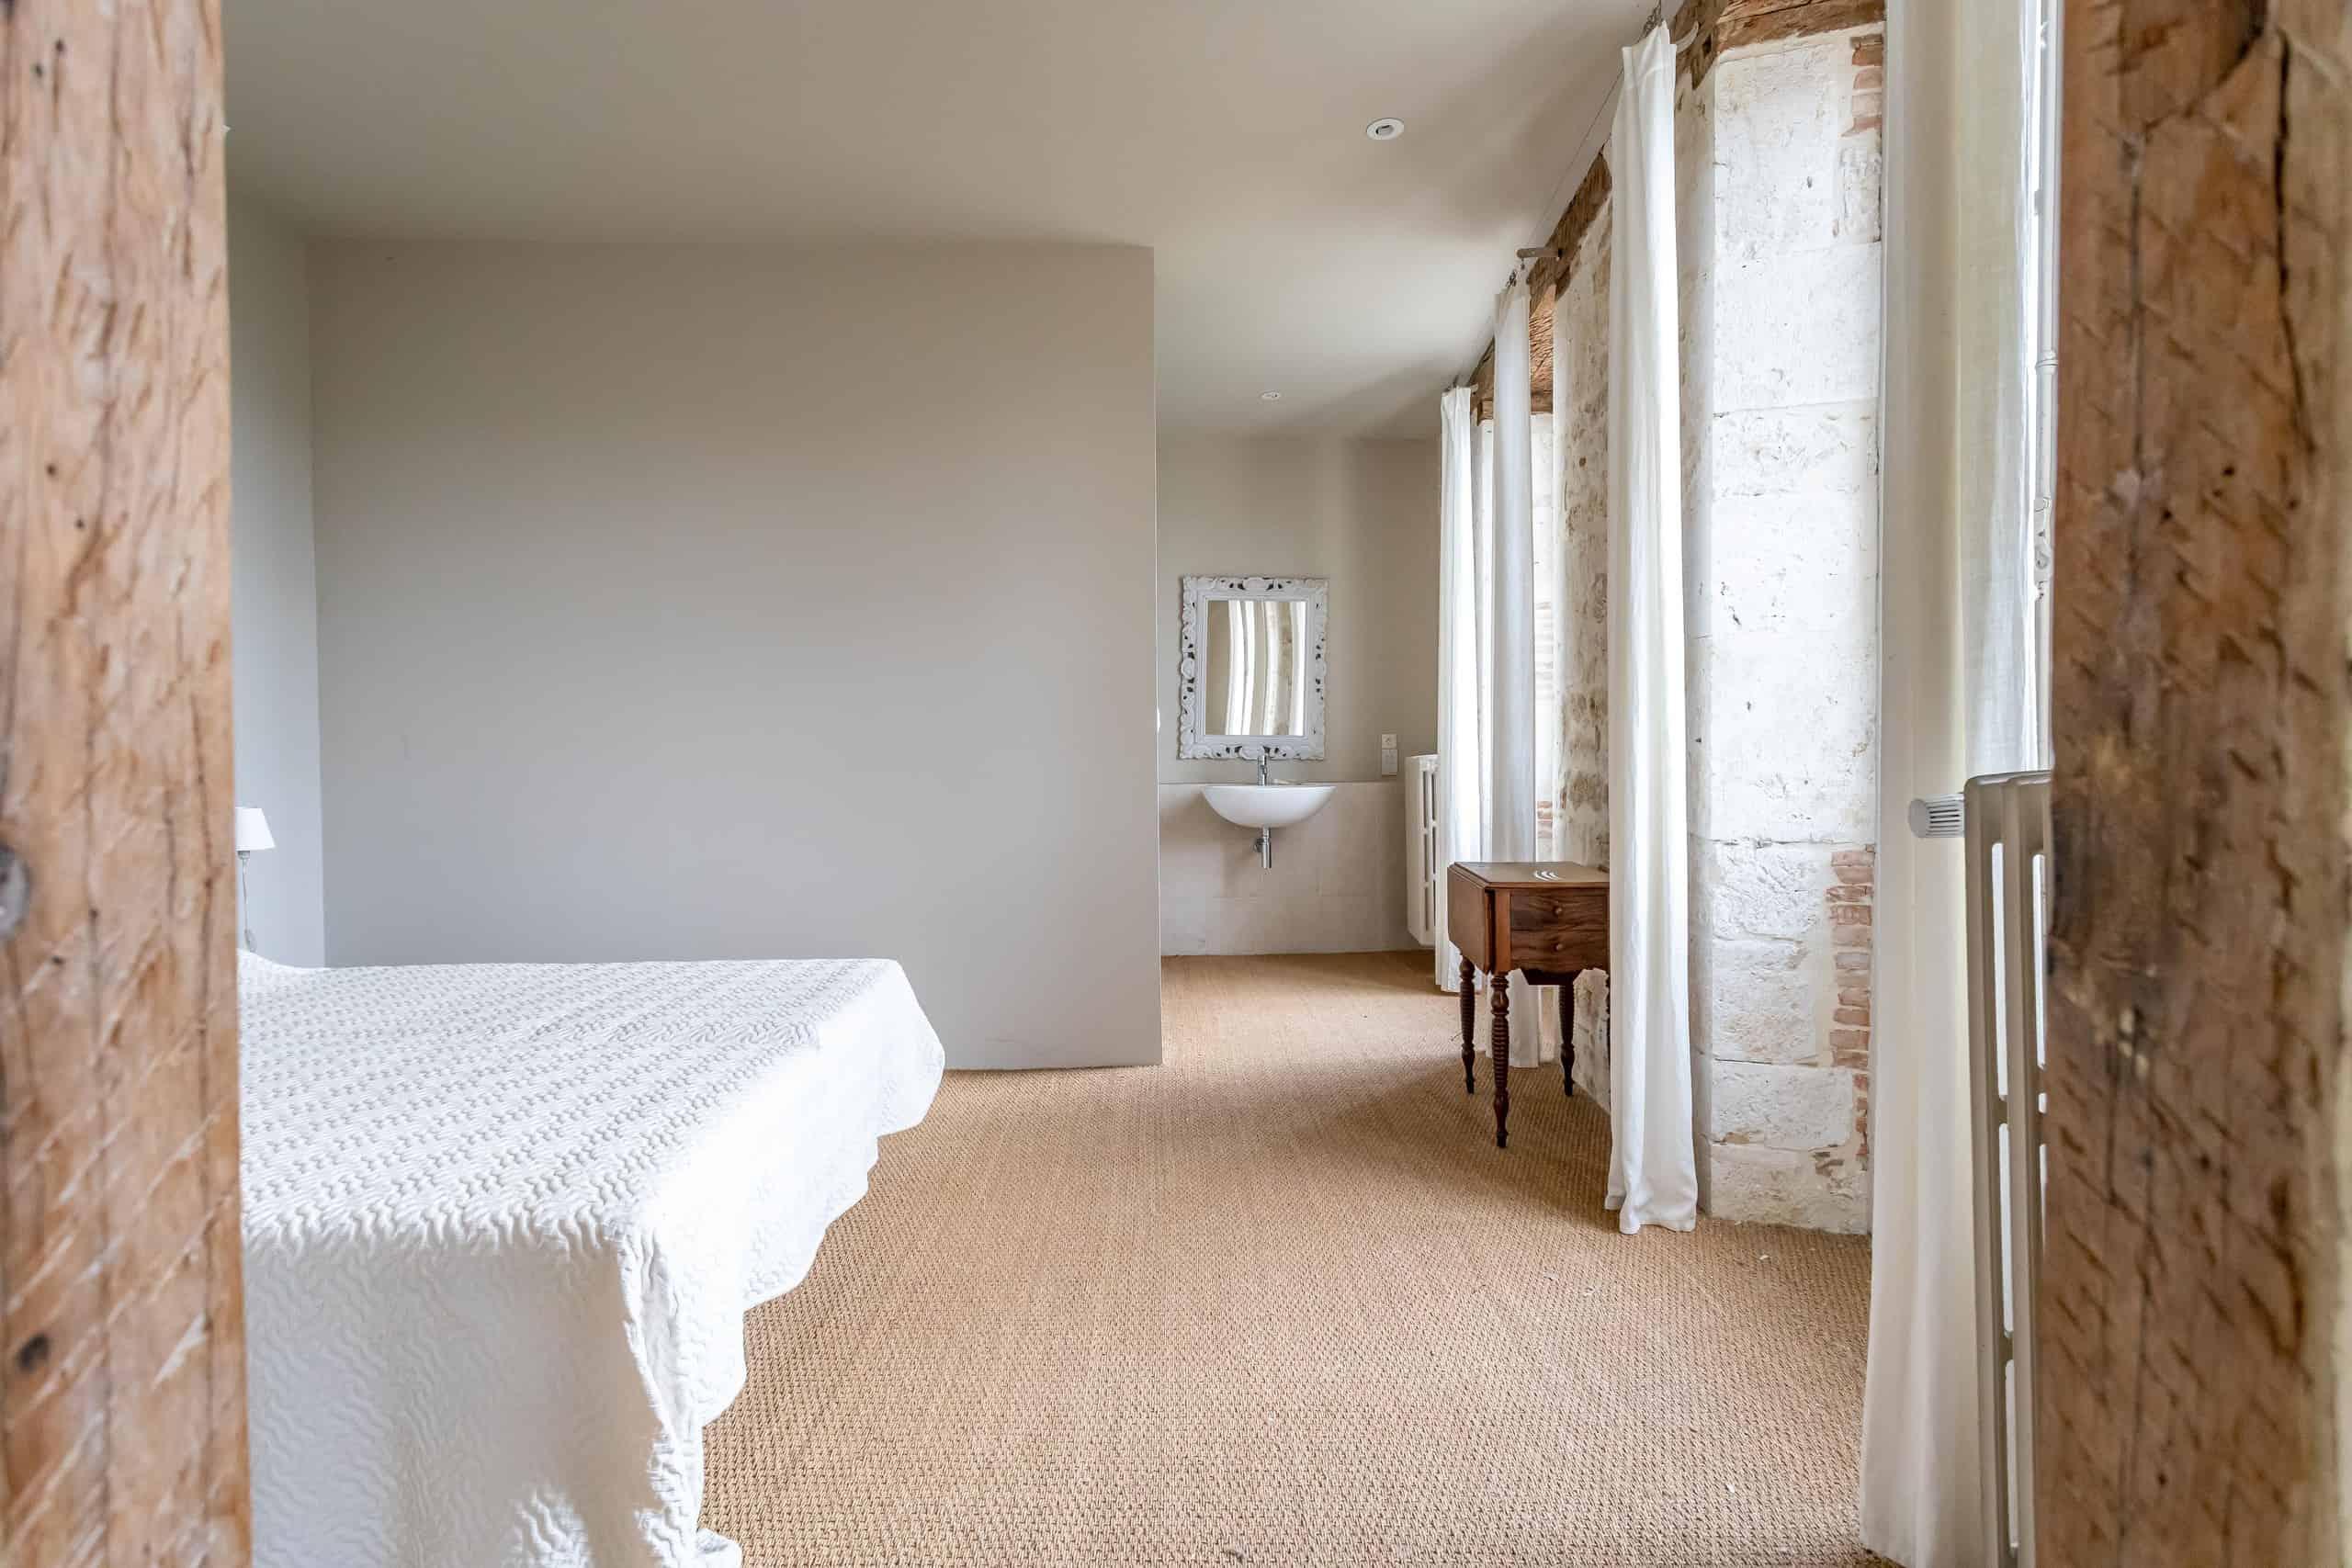 Bedroom-2-WMC110